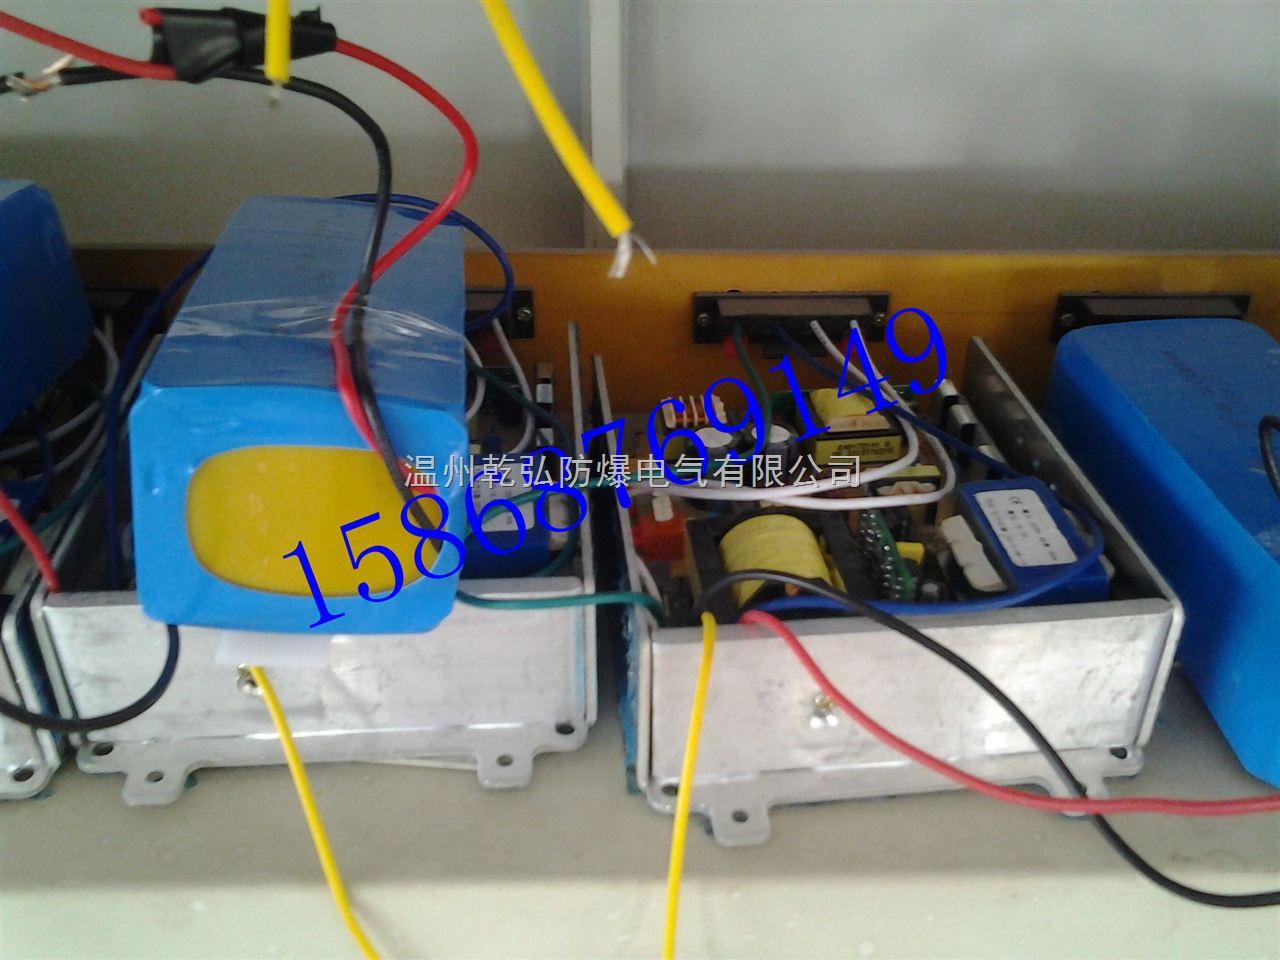 金卤灯应急装置厂家/150w金卤灯应急带蓄电池